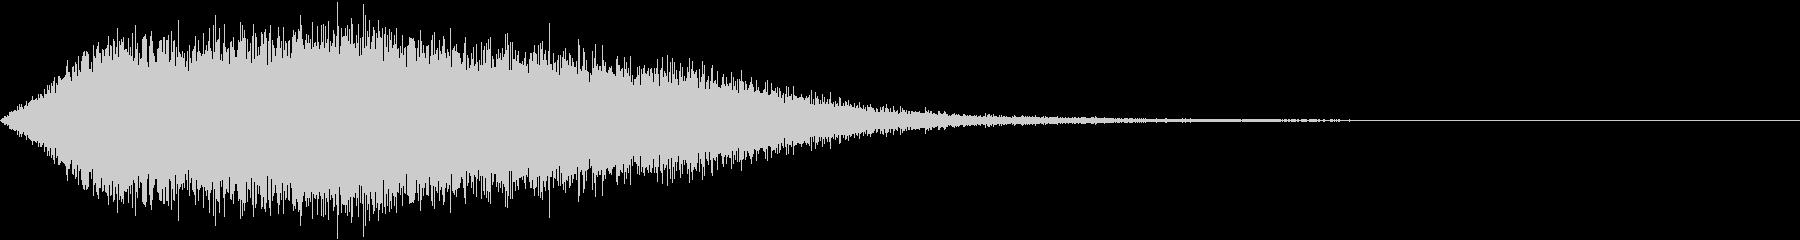 【ダーク・ホラー】アトモスフィア_18の未再生の波形